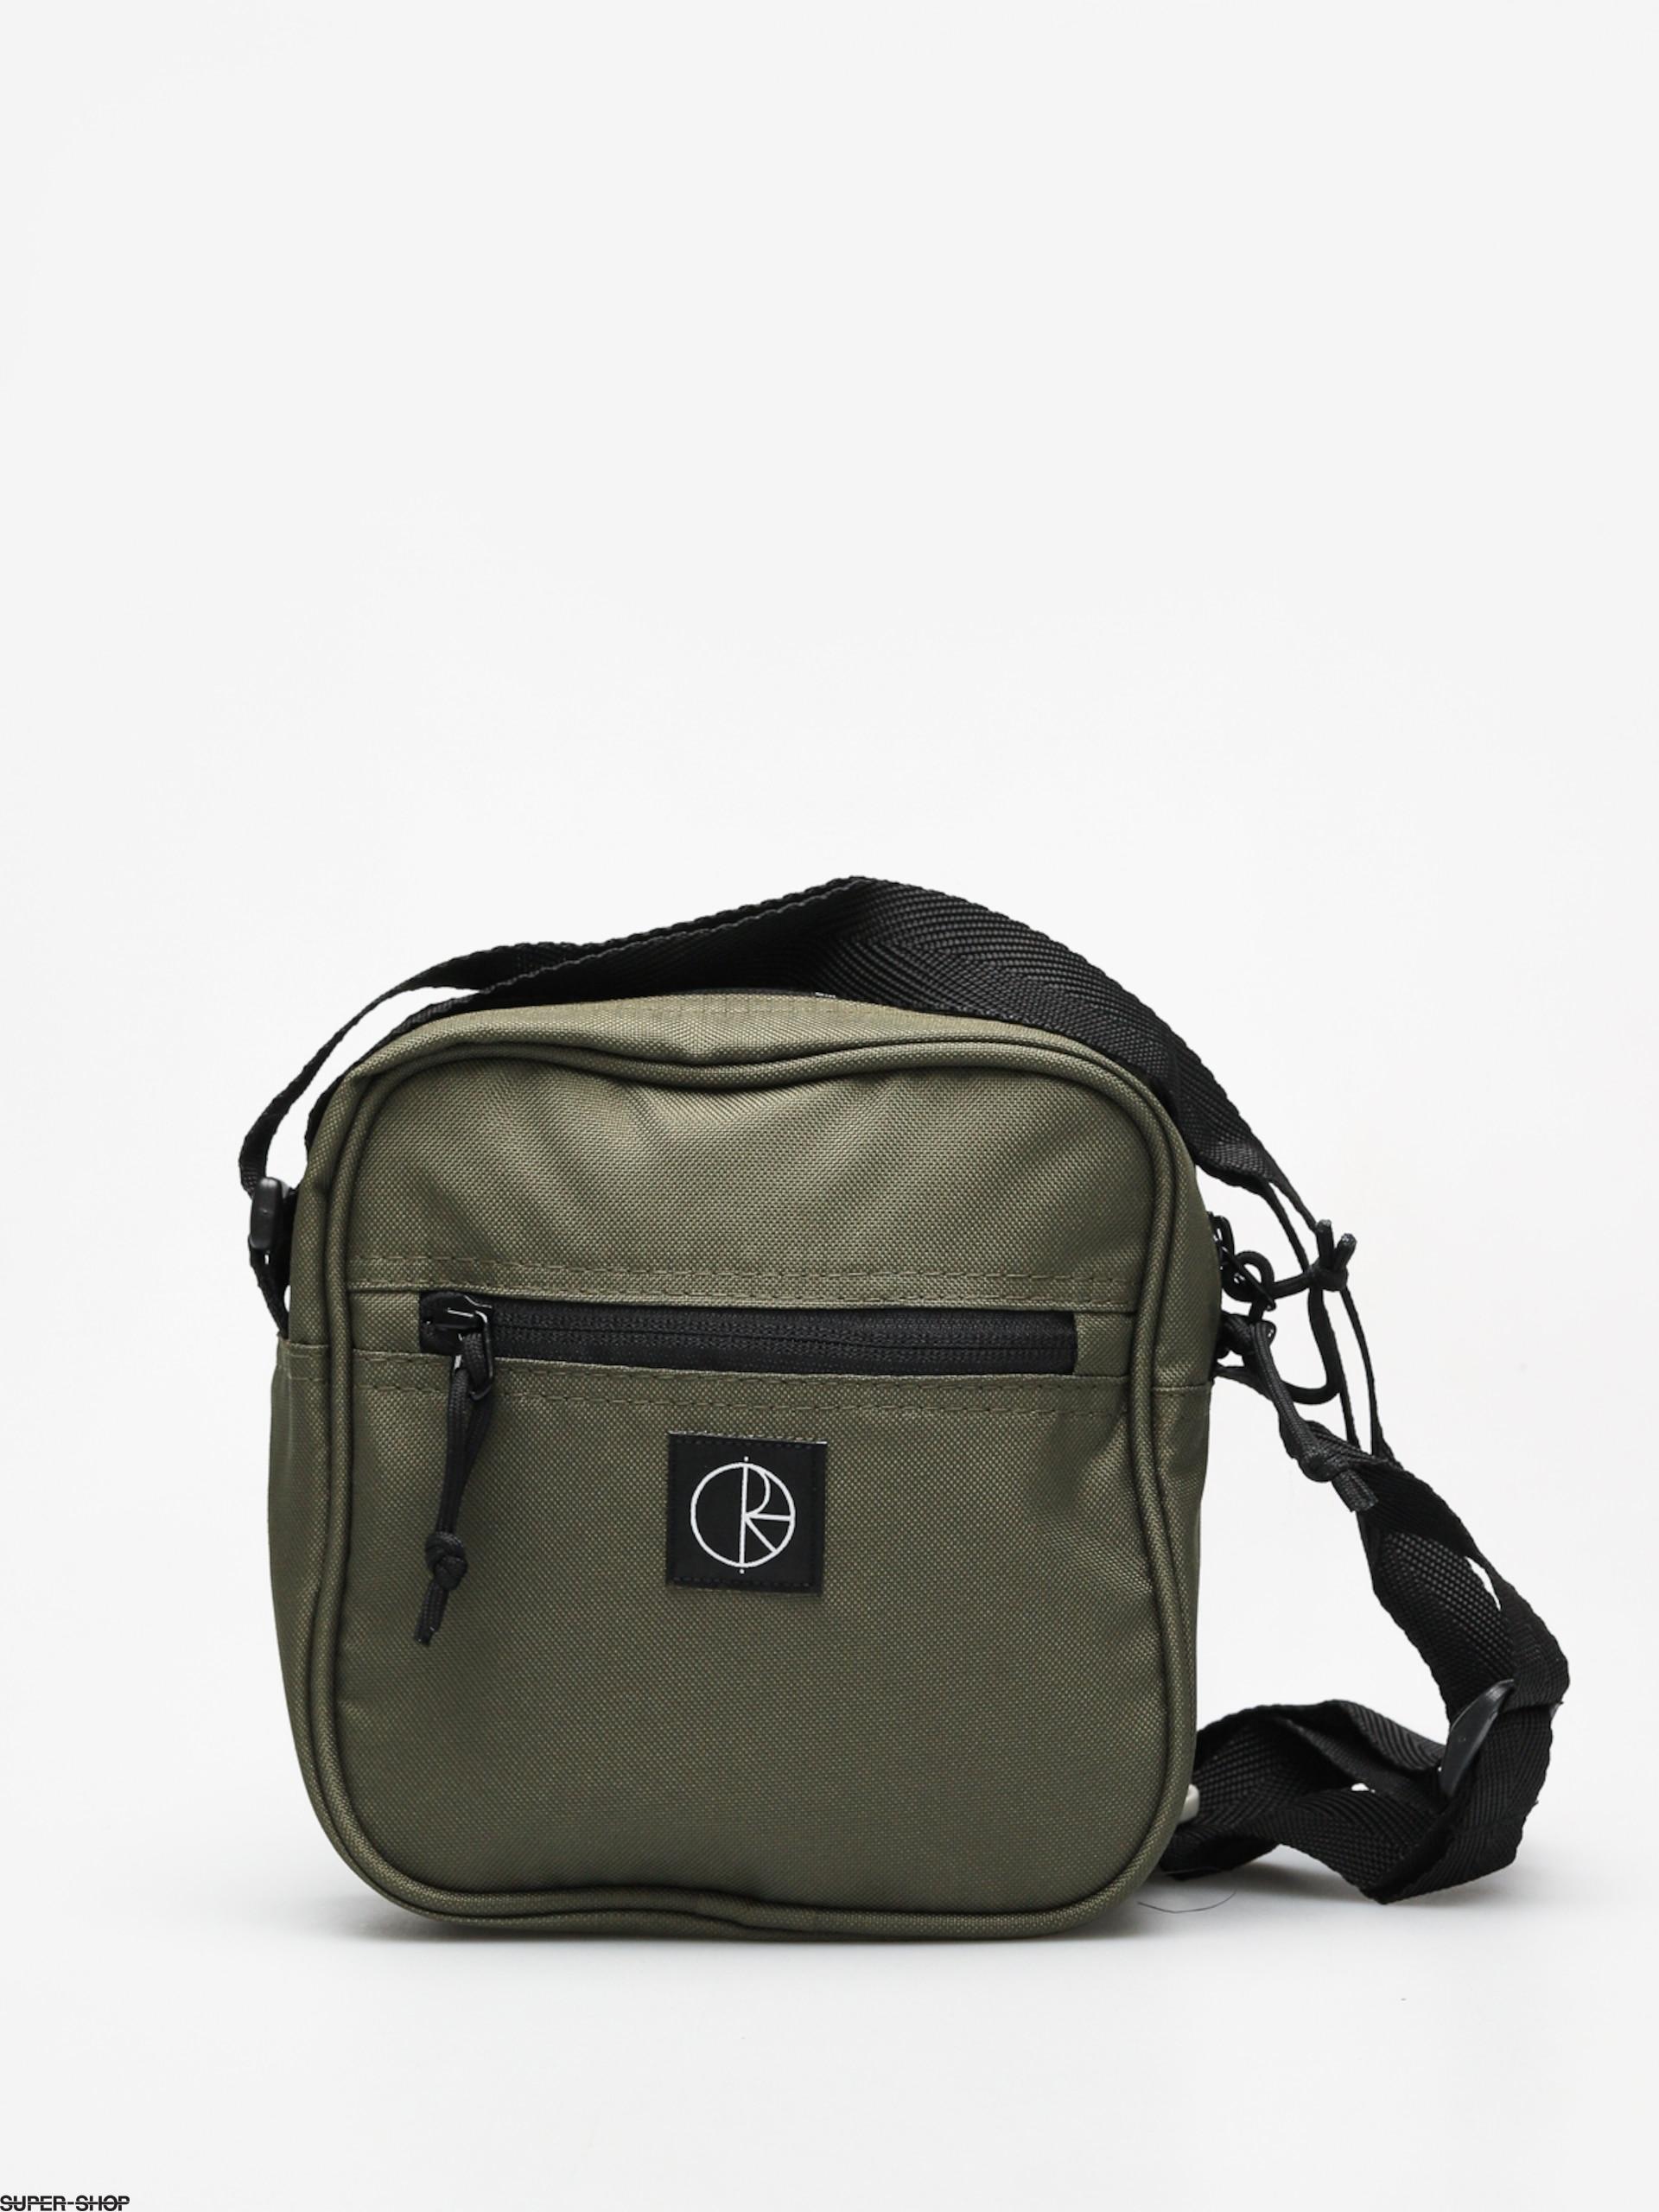 985962-w1920-polar-skate-cordura-dealer-bag-olive.jpg af70b9360086c